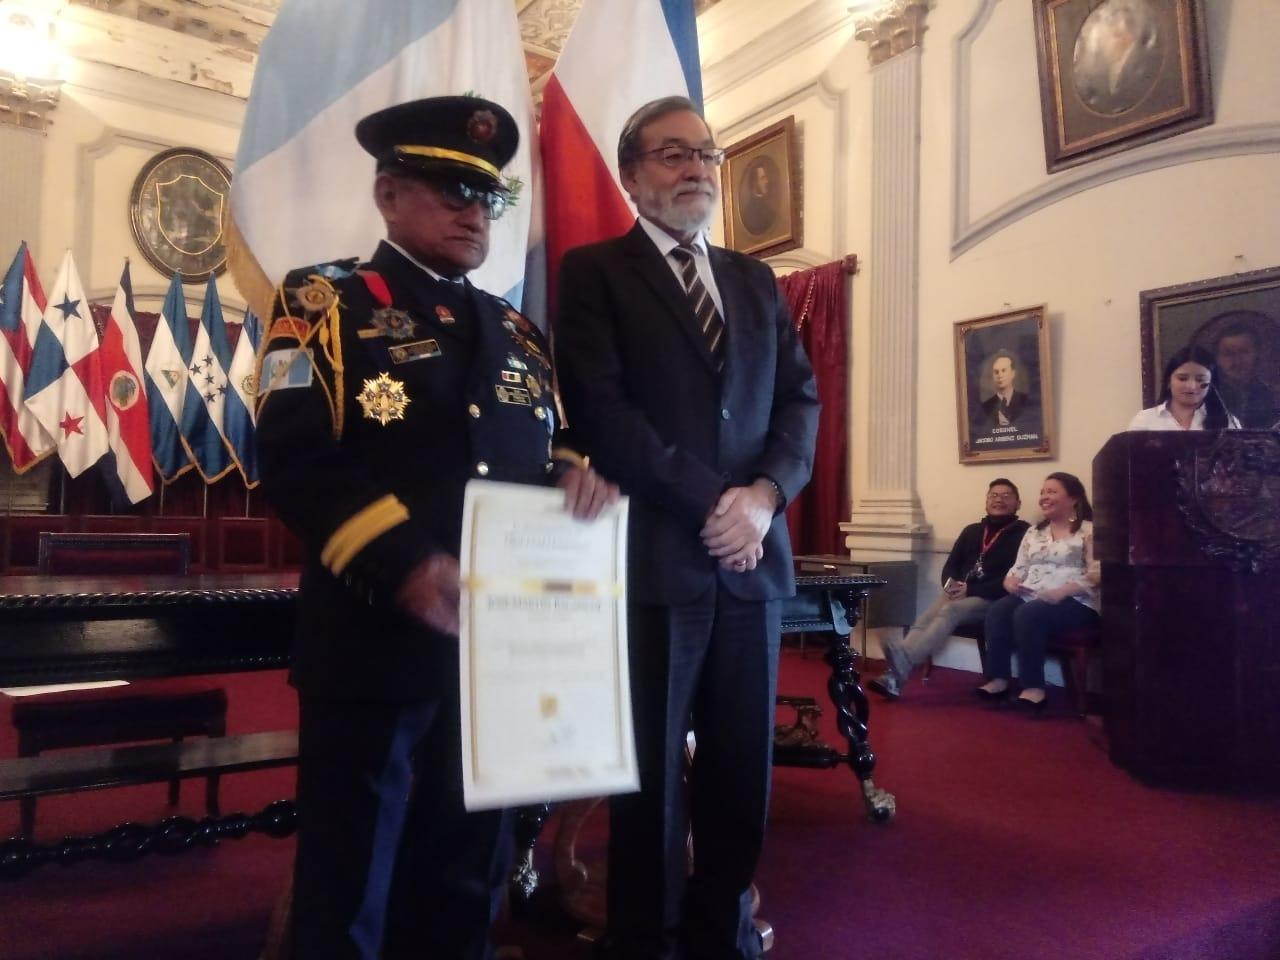 Alcalde de Xela entrega reconocimiento de Ciudadano Distinguido